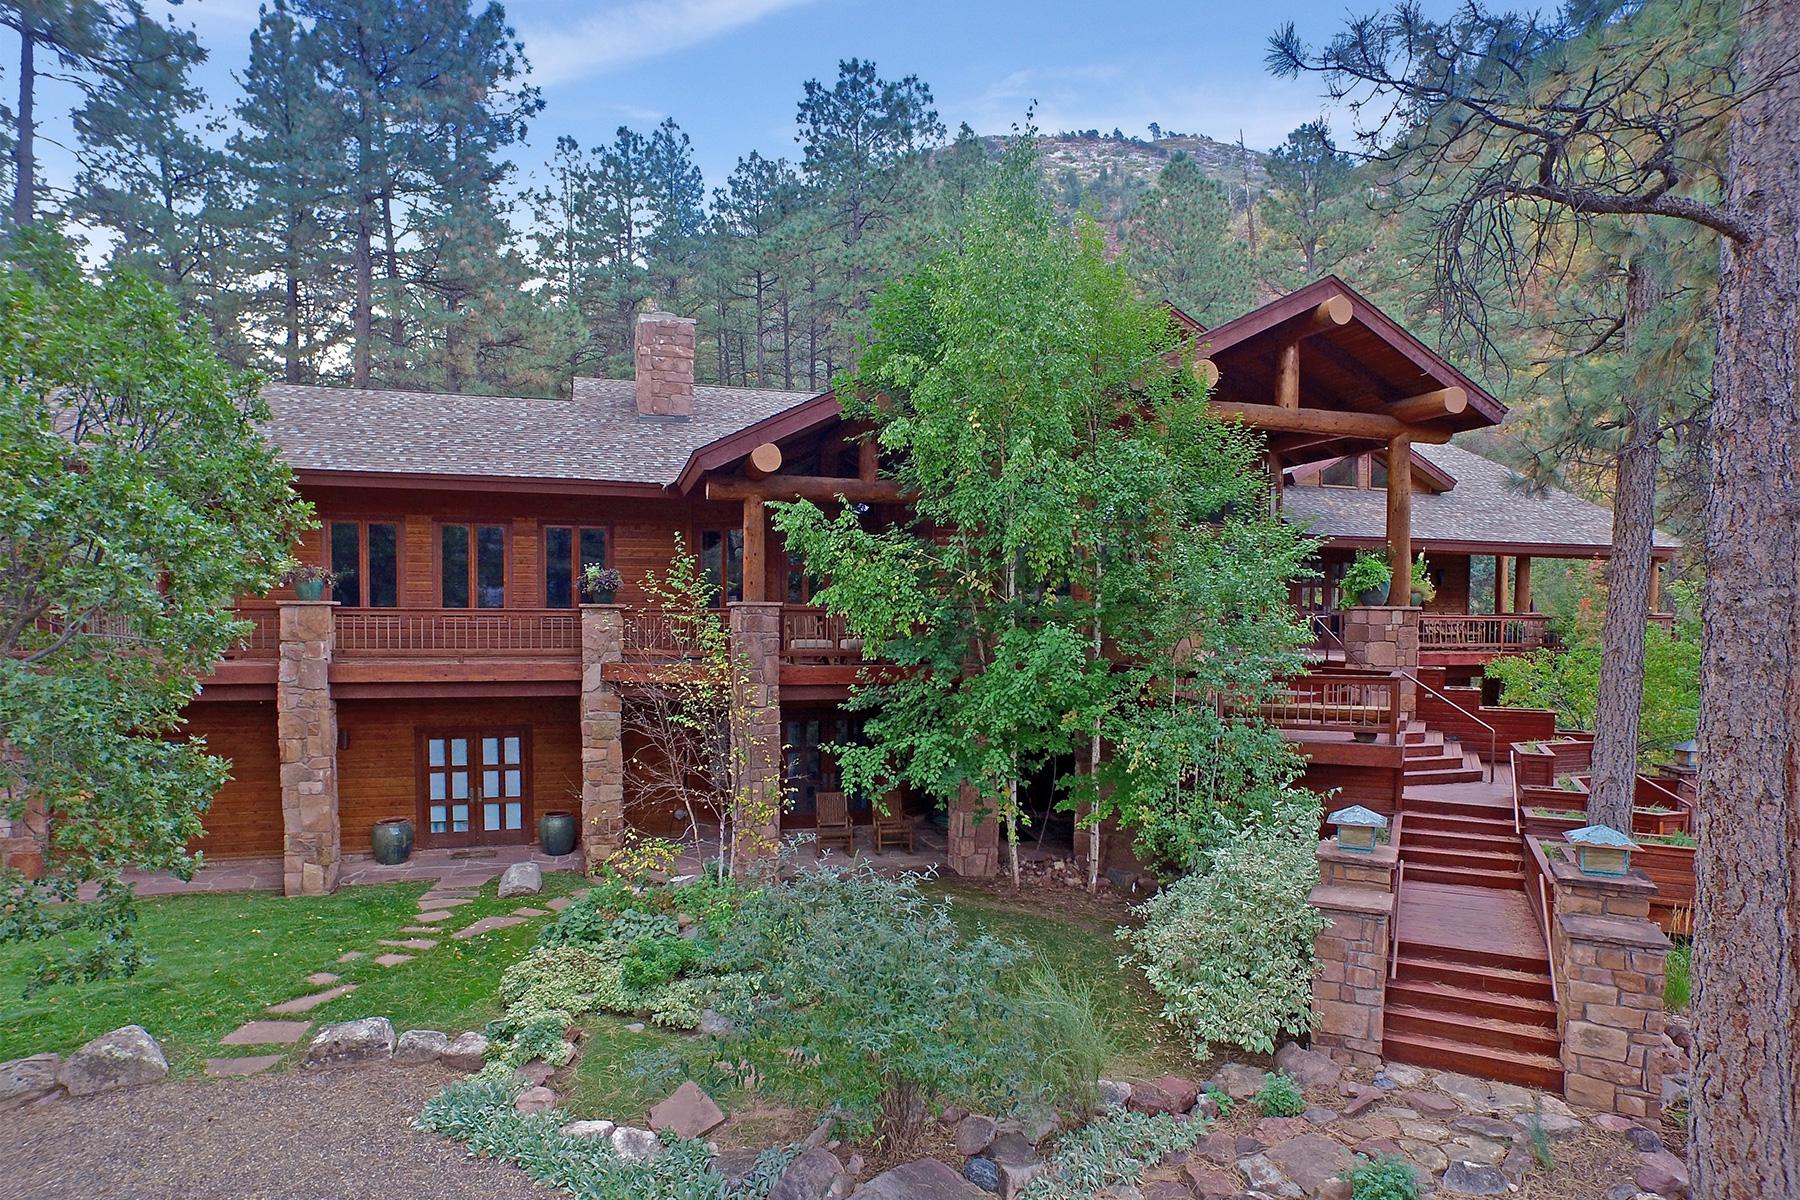 Casa Unifamiliar por un Venta en Skywater Ranch 6410 CR 250 Durango, Colorado 81301 Estados Unidos